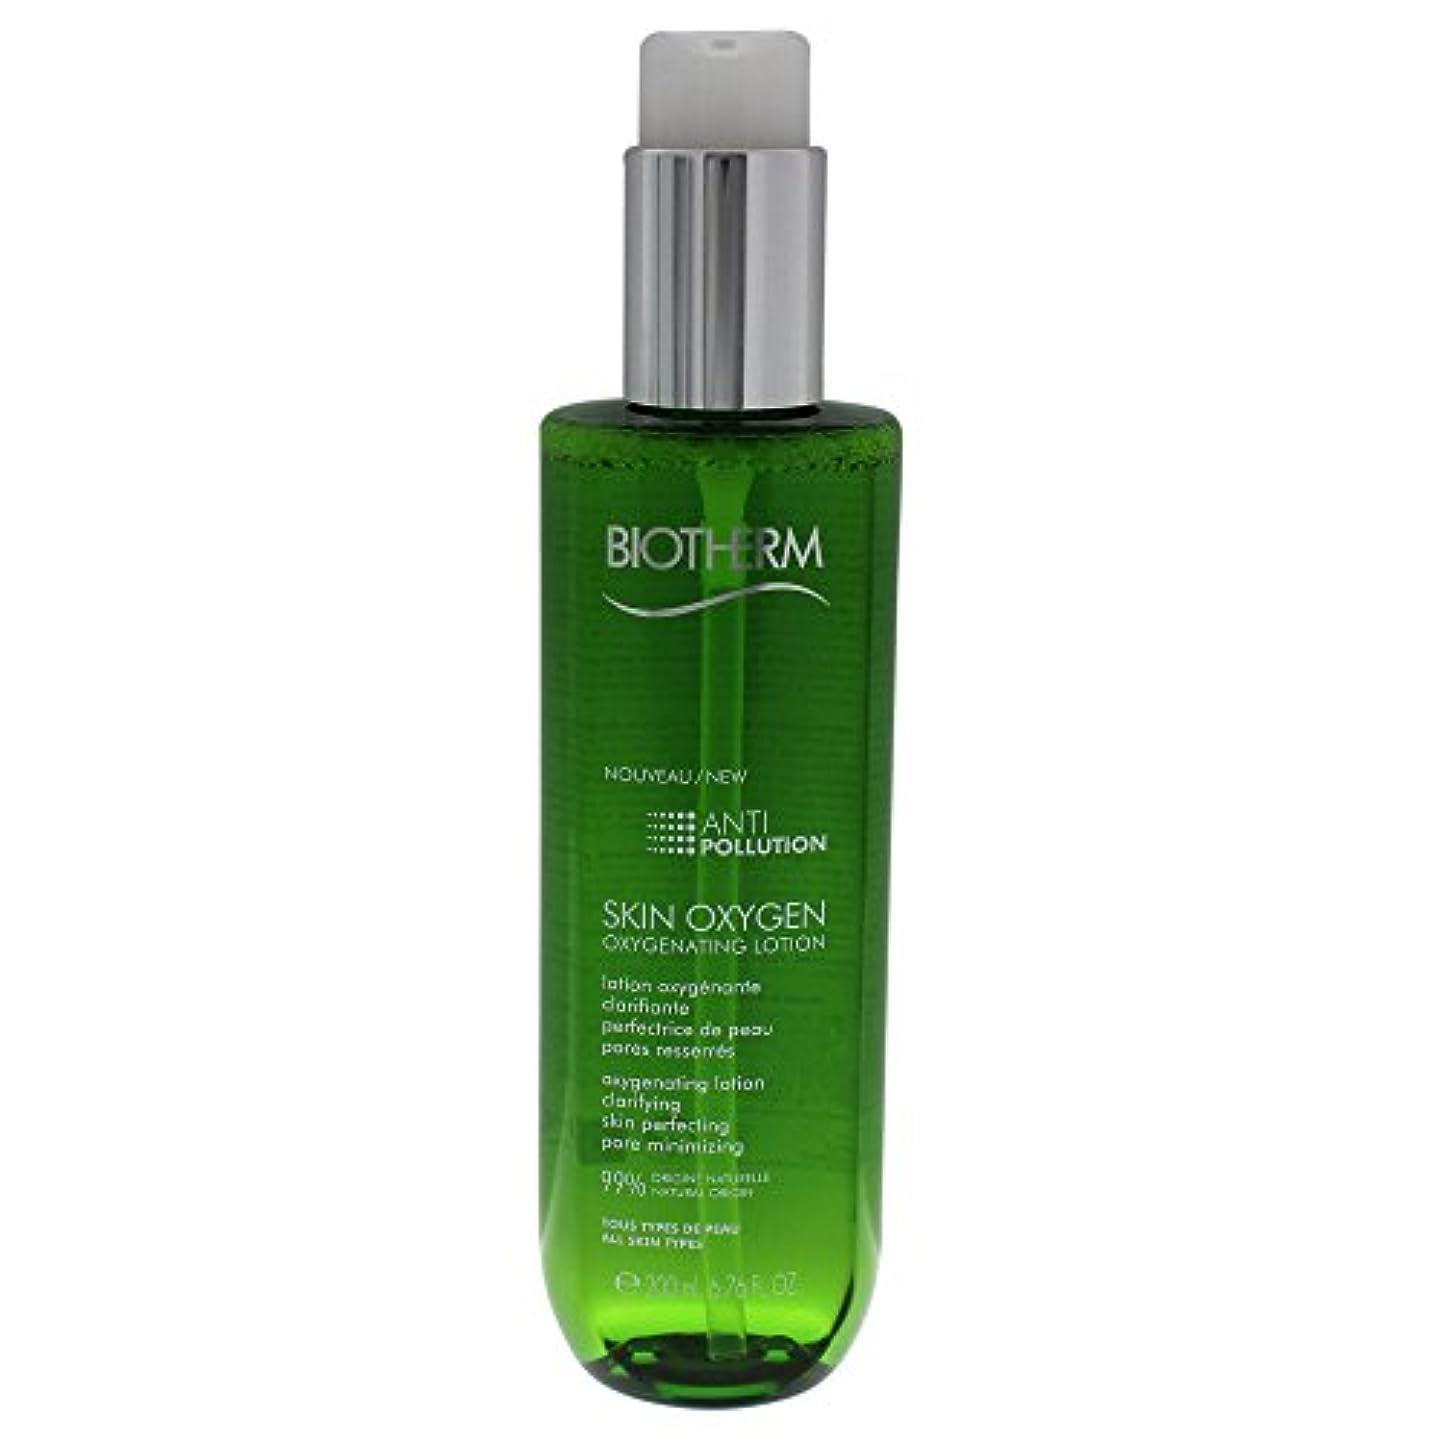 引き算青レトルトビオテルム Skin Oxygen Anti-Pollution Oxygenating Lotion 200ml/6.76oz並行輸入品